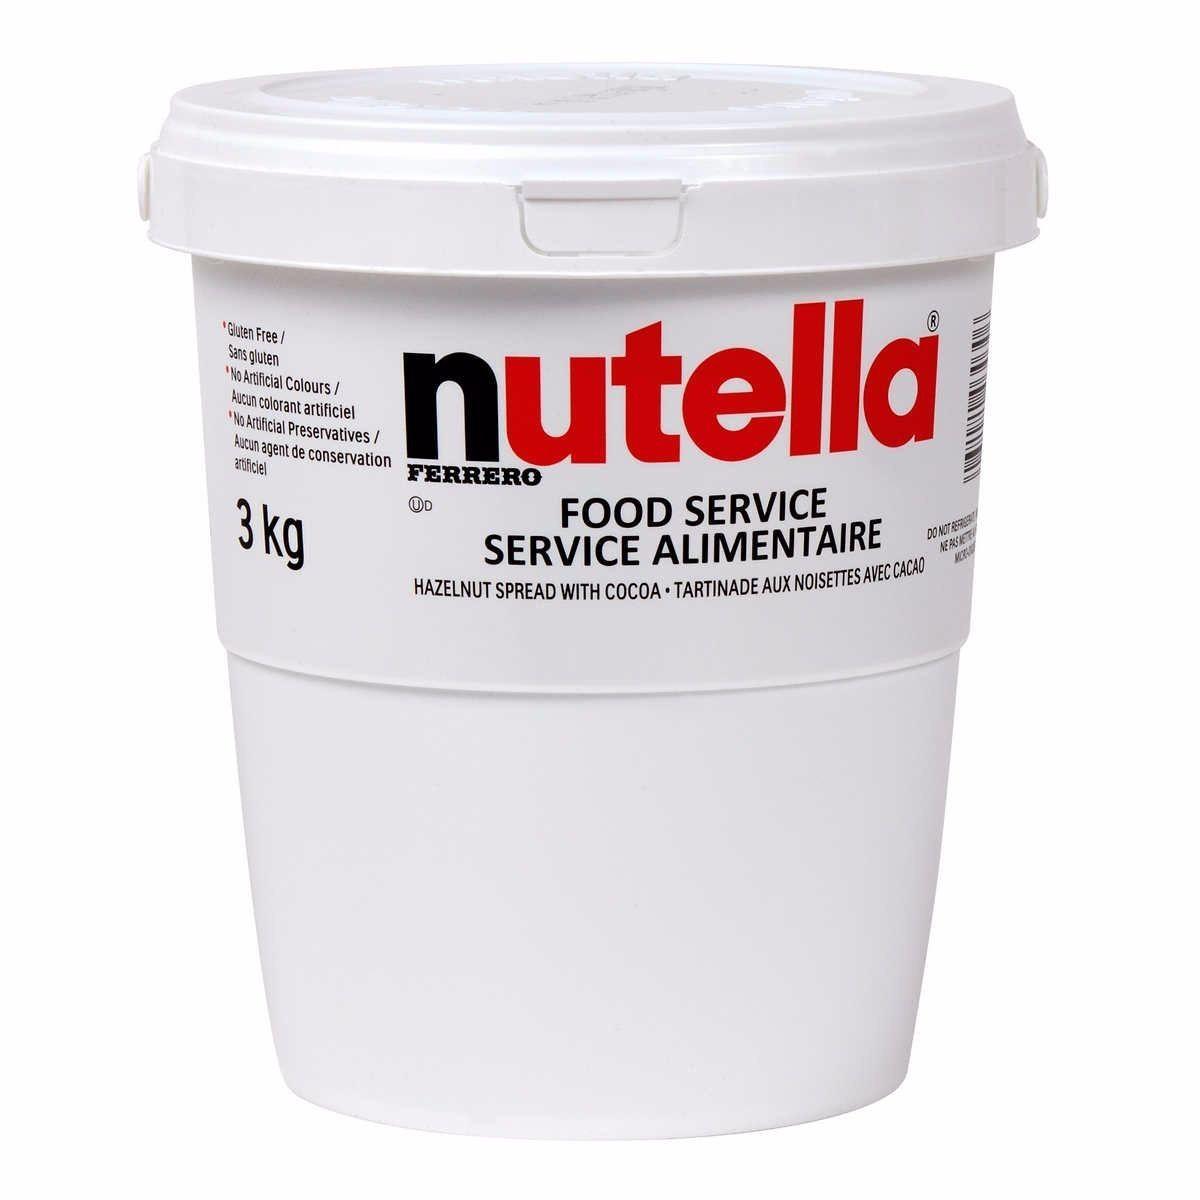 FERRERO NUTELLA 1pz BARATTOLO 3kg